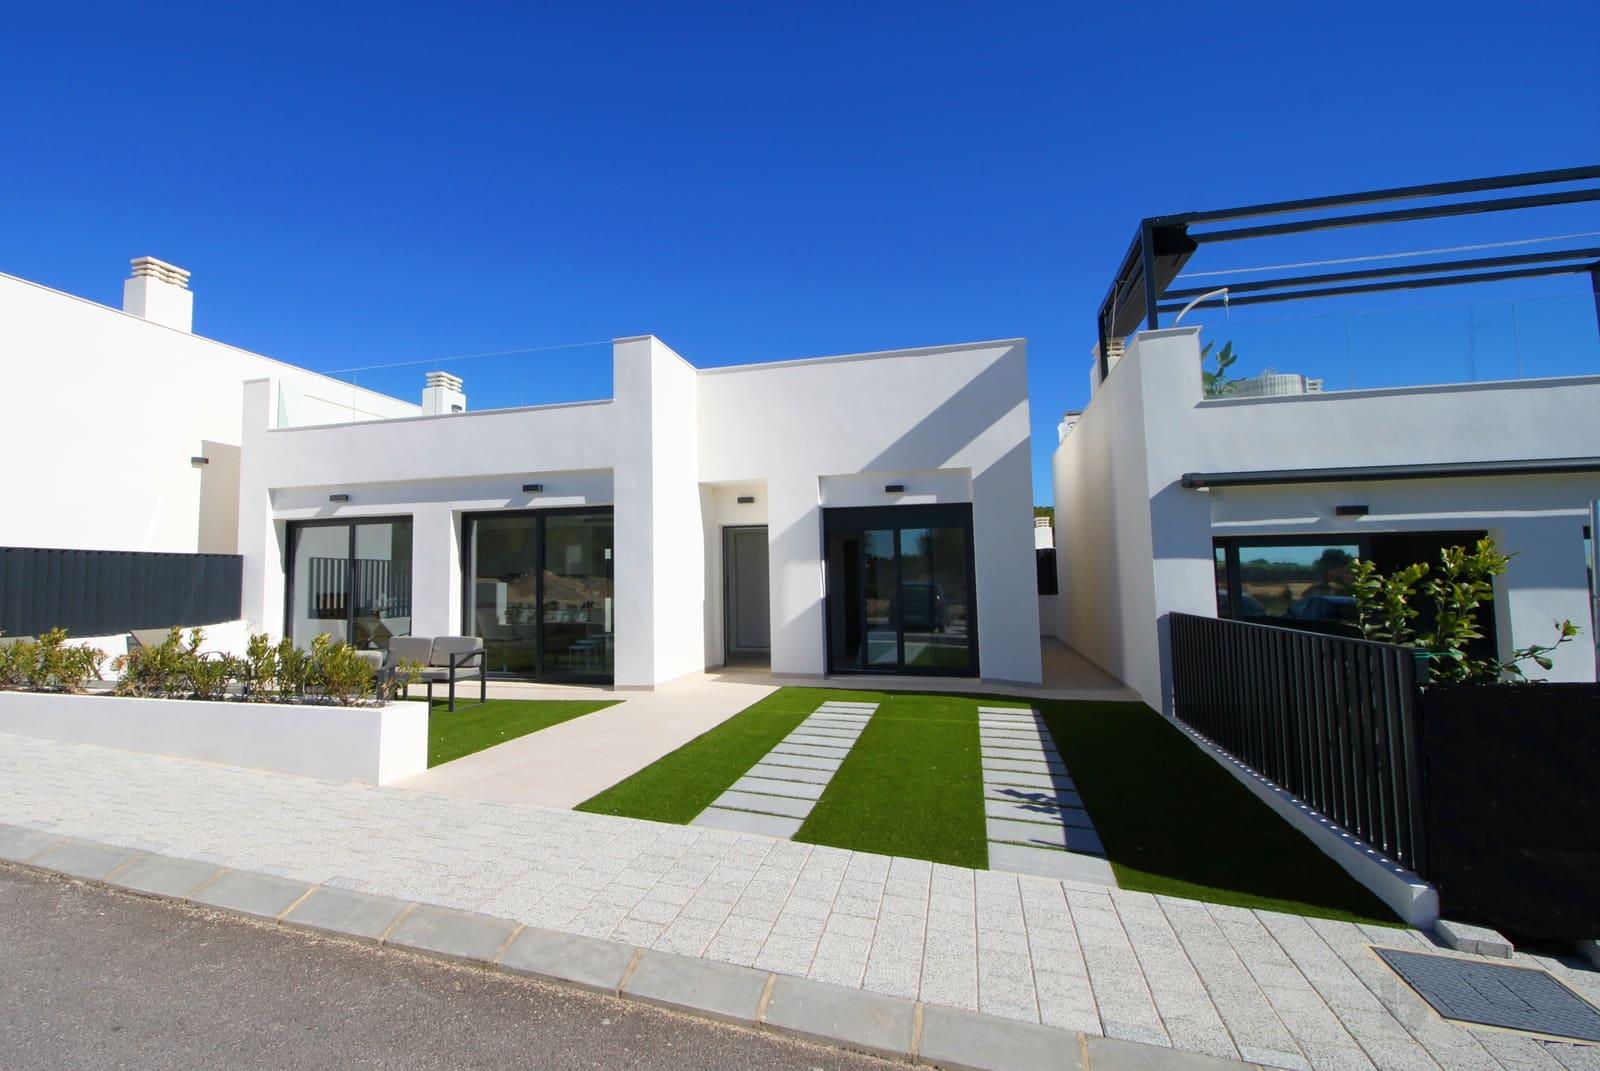 Chalet de 2 habitaciones en Pilar de la Horadada en venta con piscina - 195.900 € (Ref: 3596300)